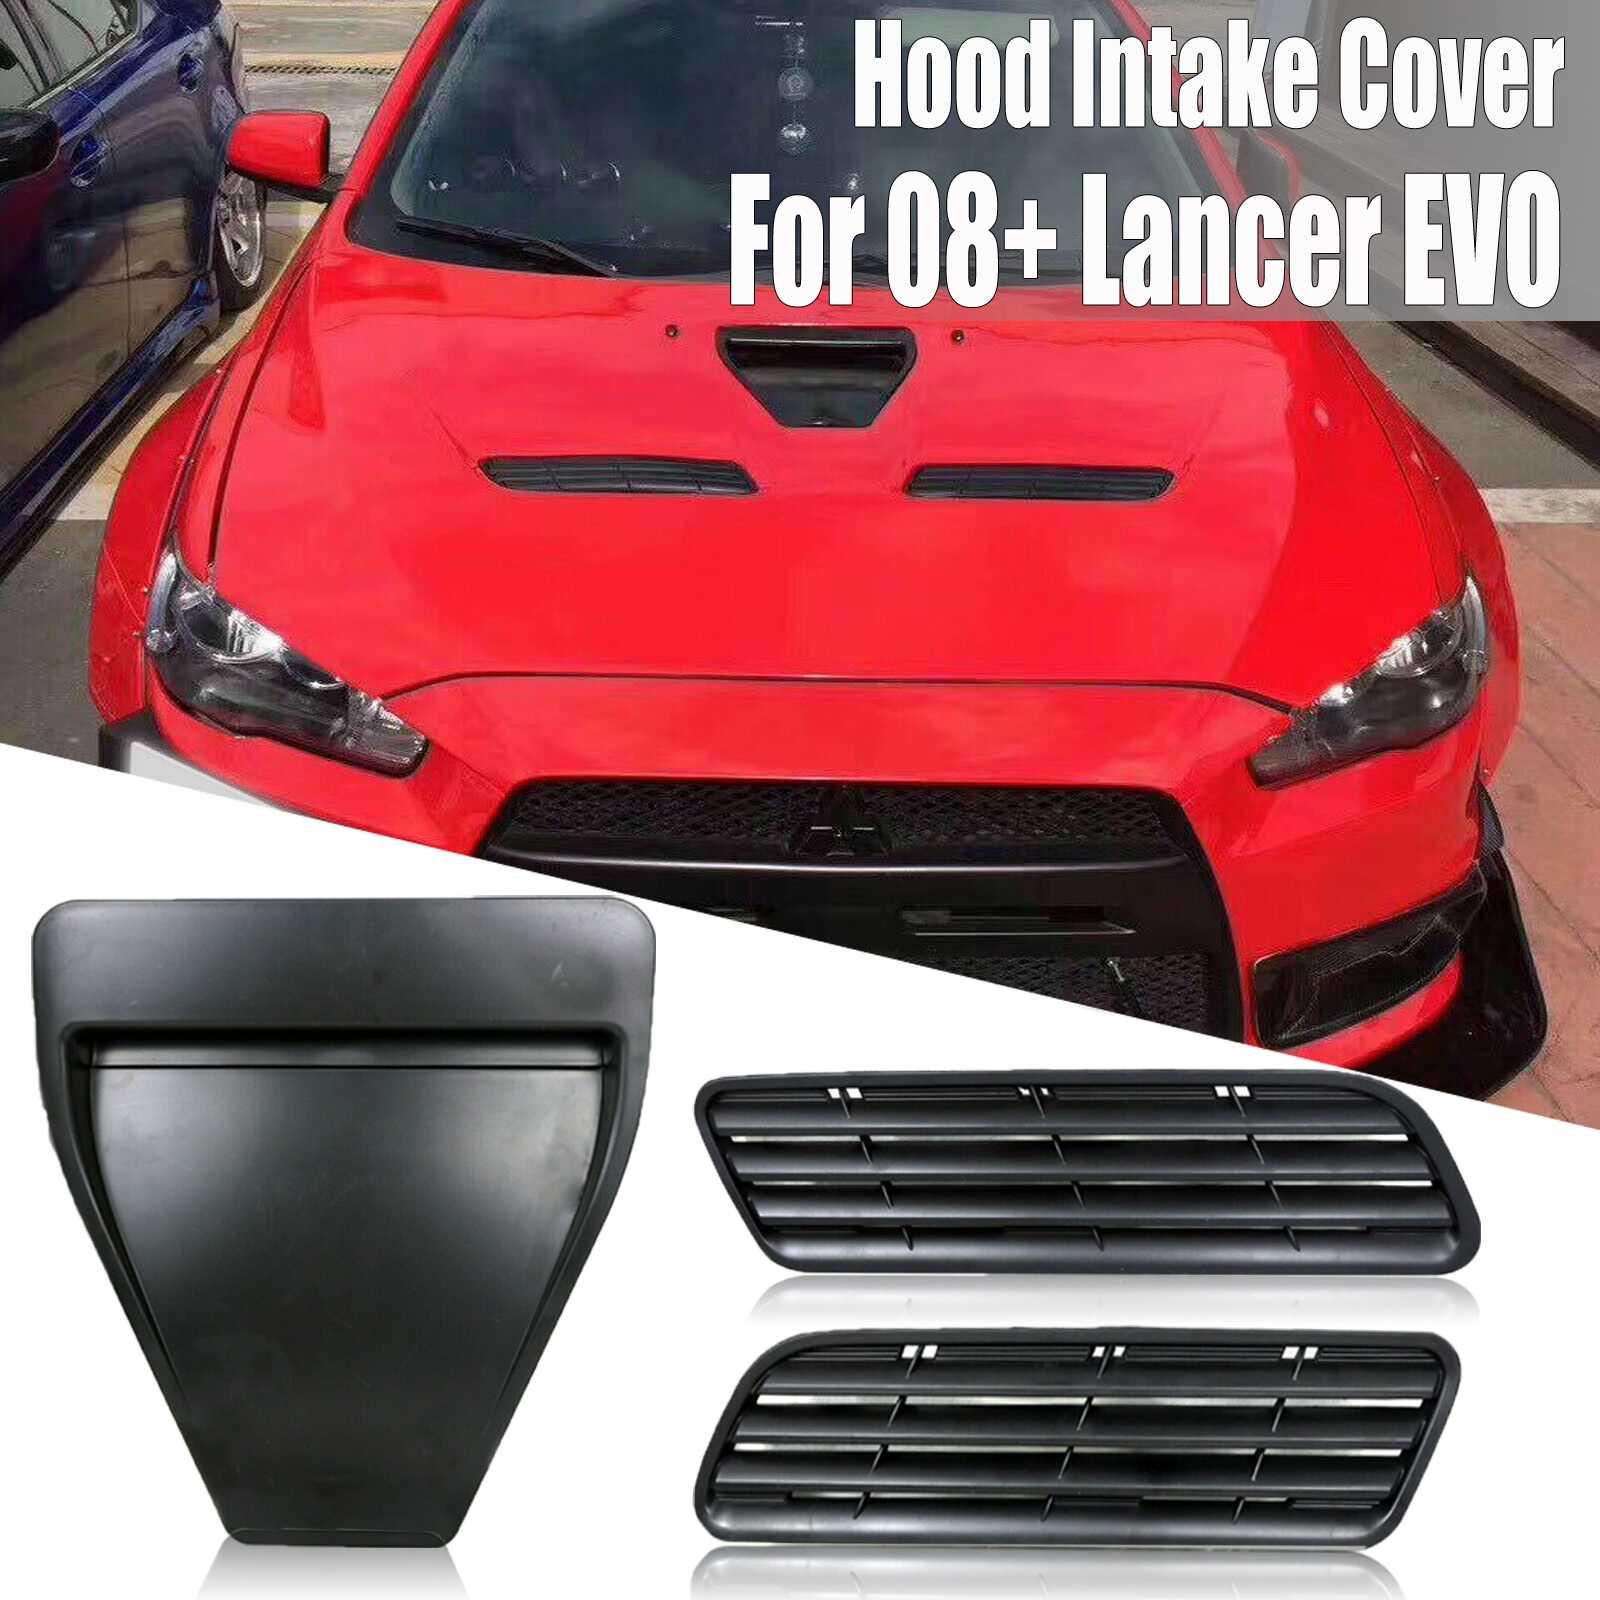 Campana de ventilación ABS de estilismo para automóvil, capó de ventilación, tapa de ventilación de admisión para Mitsubishi Lancer GTS EVO 10 X GSR 08-15, campana de ventilación con estilo